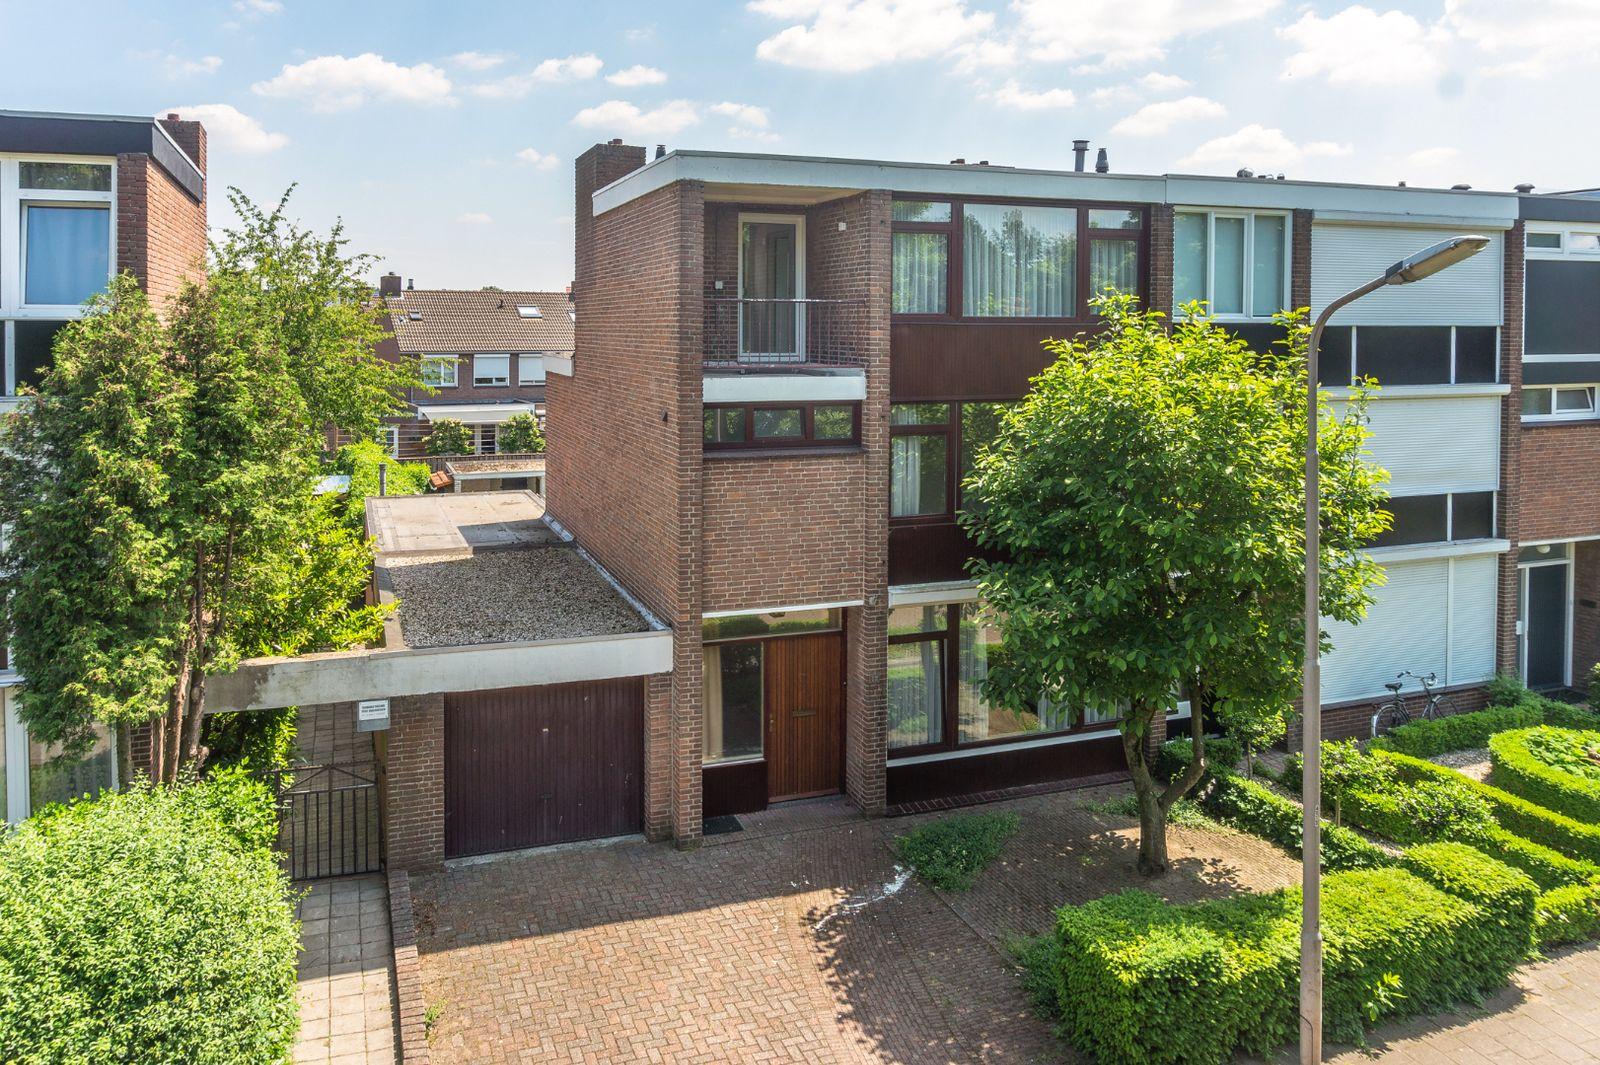 Bisschop Paredisstraat 12, Venlo